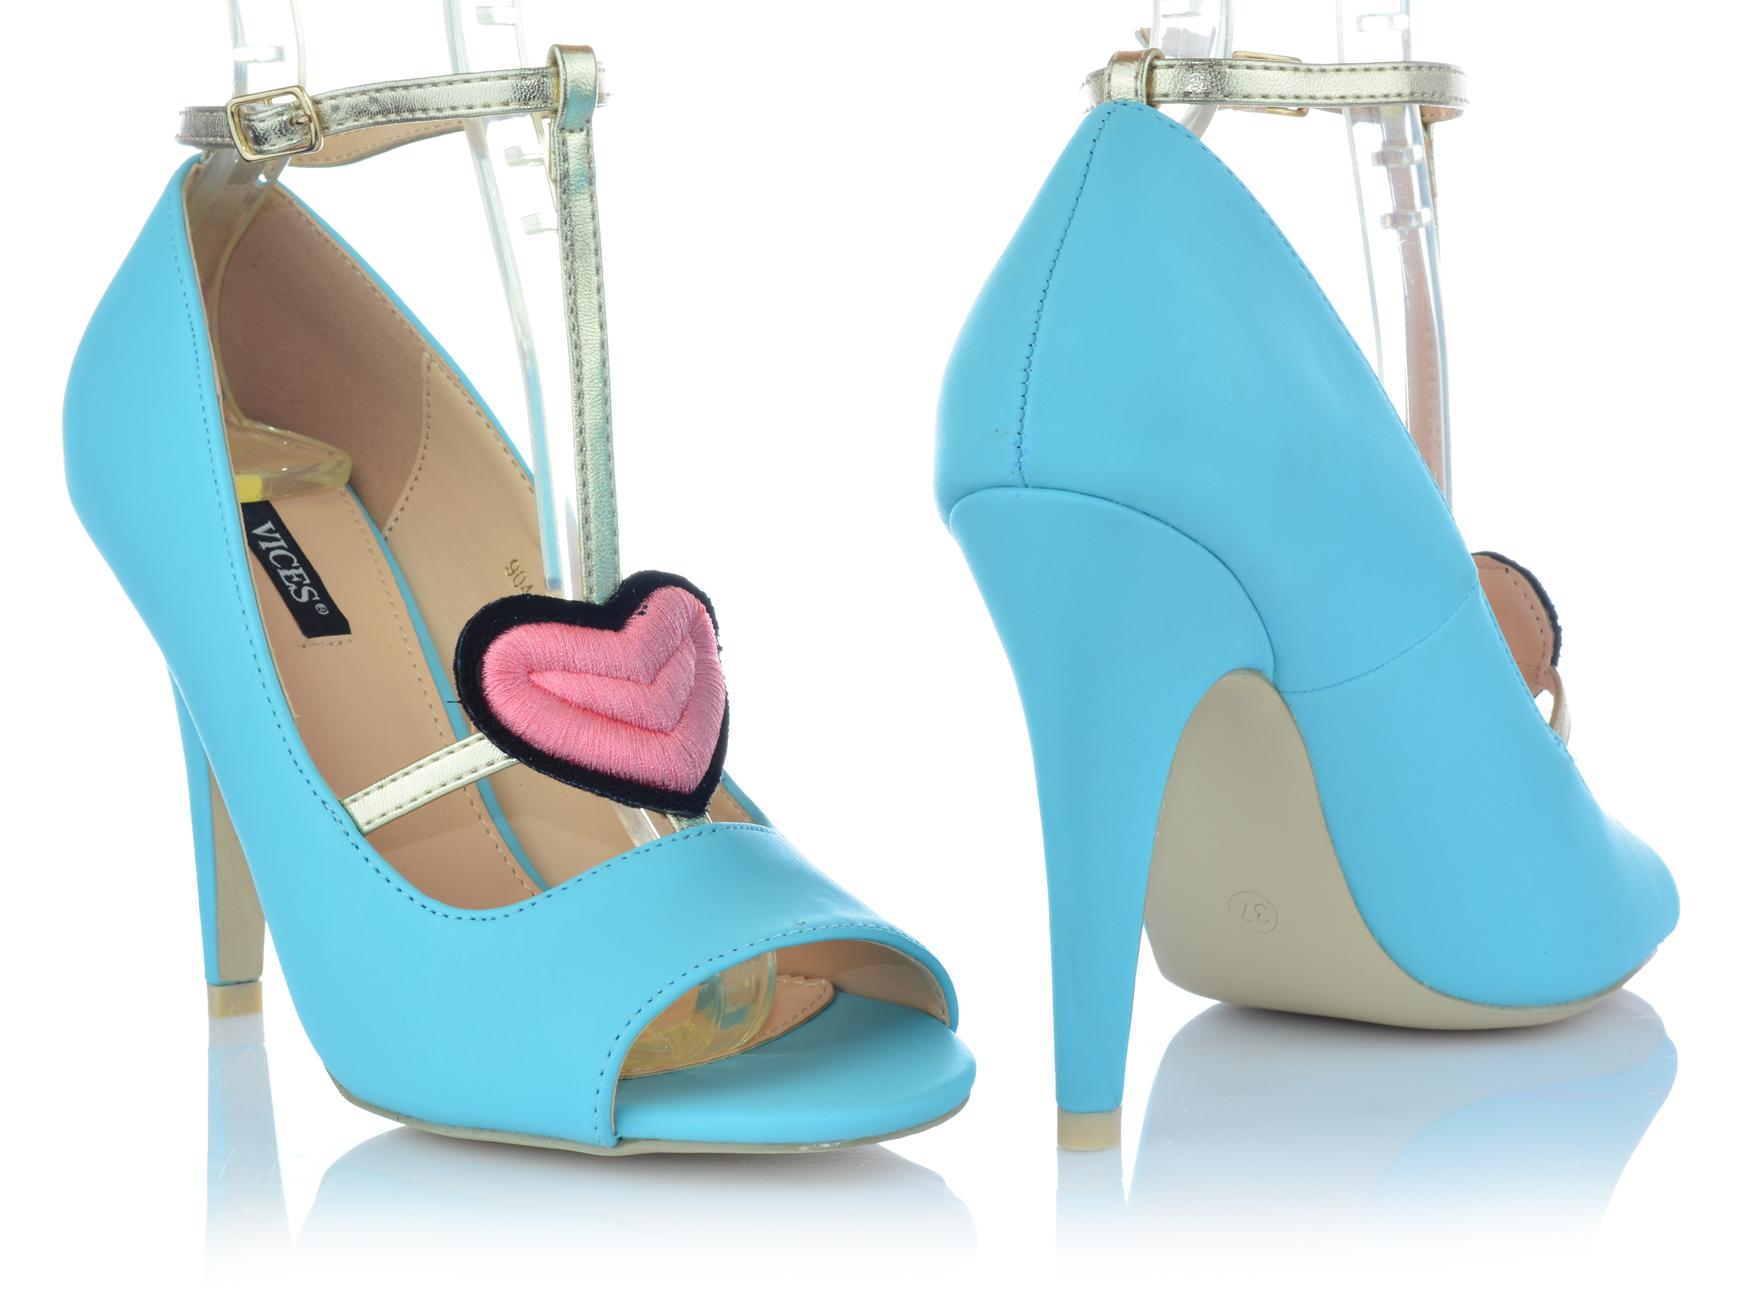 Zapatos-senora-tacon-alto-Stiletto-pumps-noche-zapatos-peep-con-tiras-zapatos-de-fiesta miniatura 4